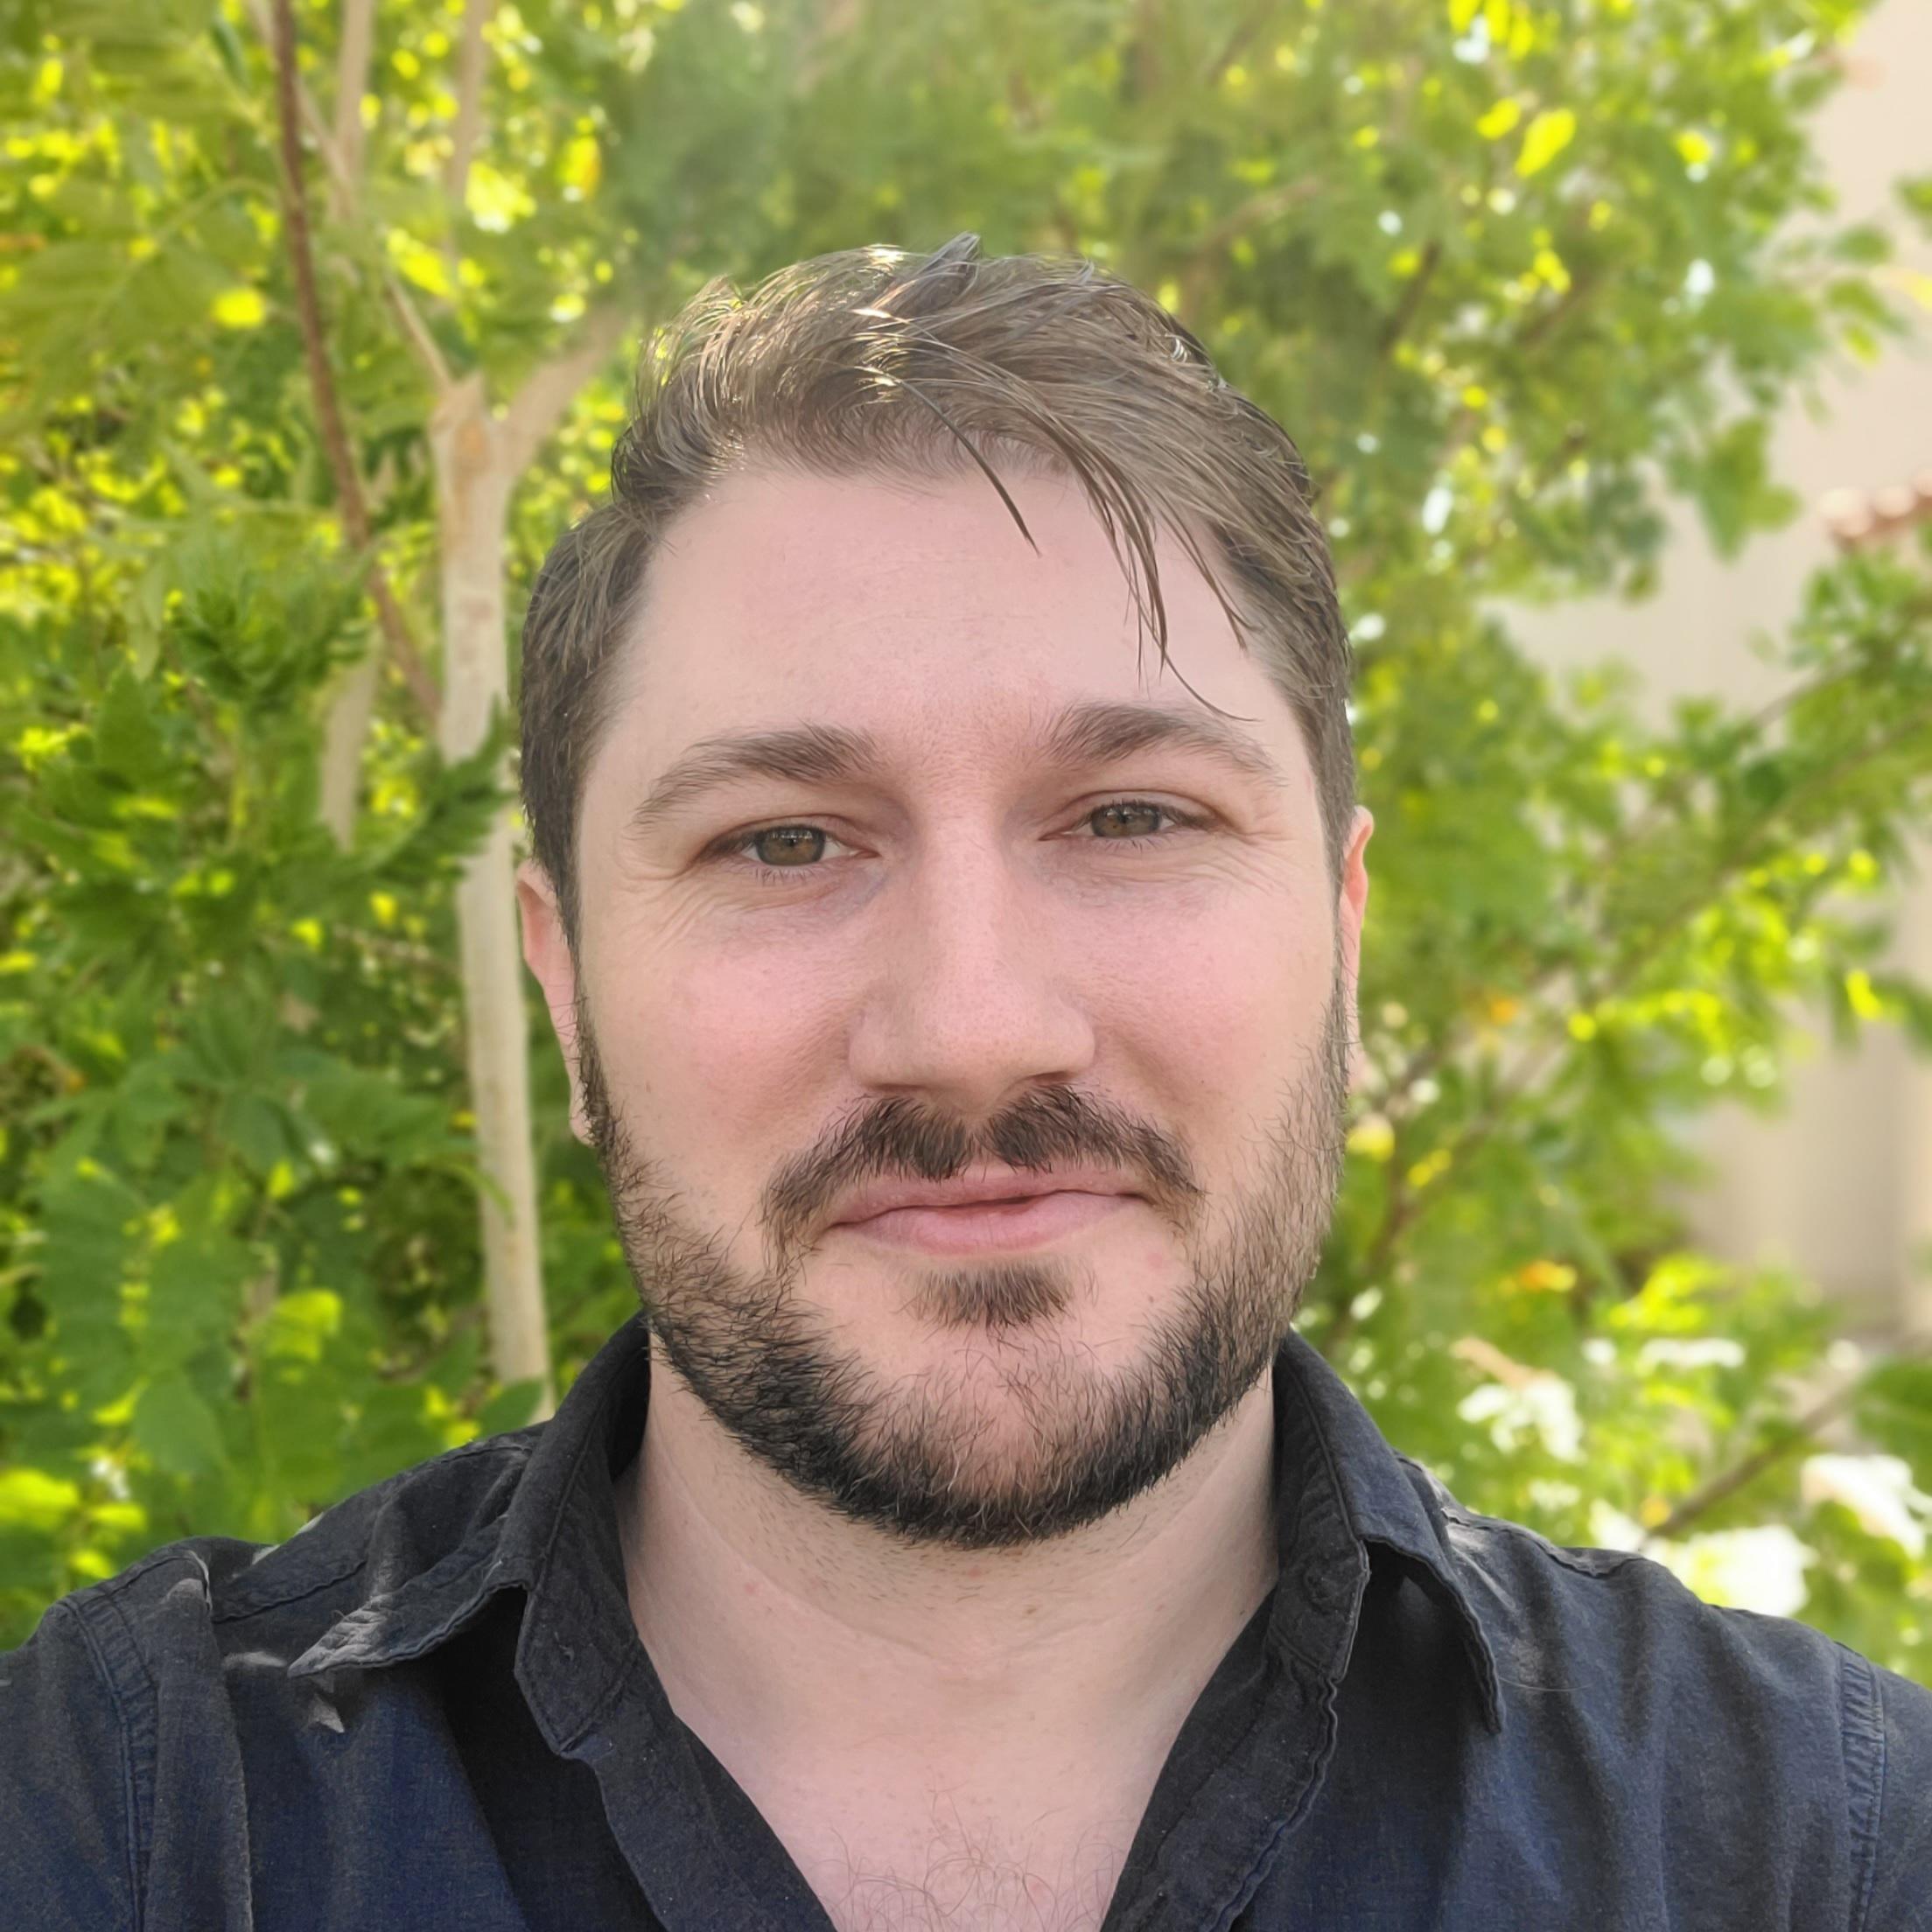 Gabriel Di Chiara